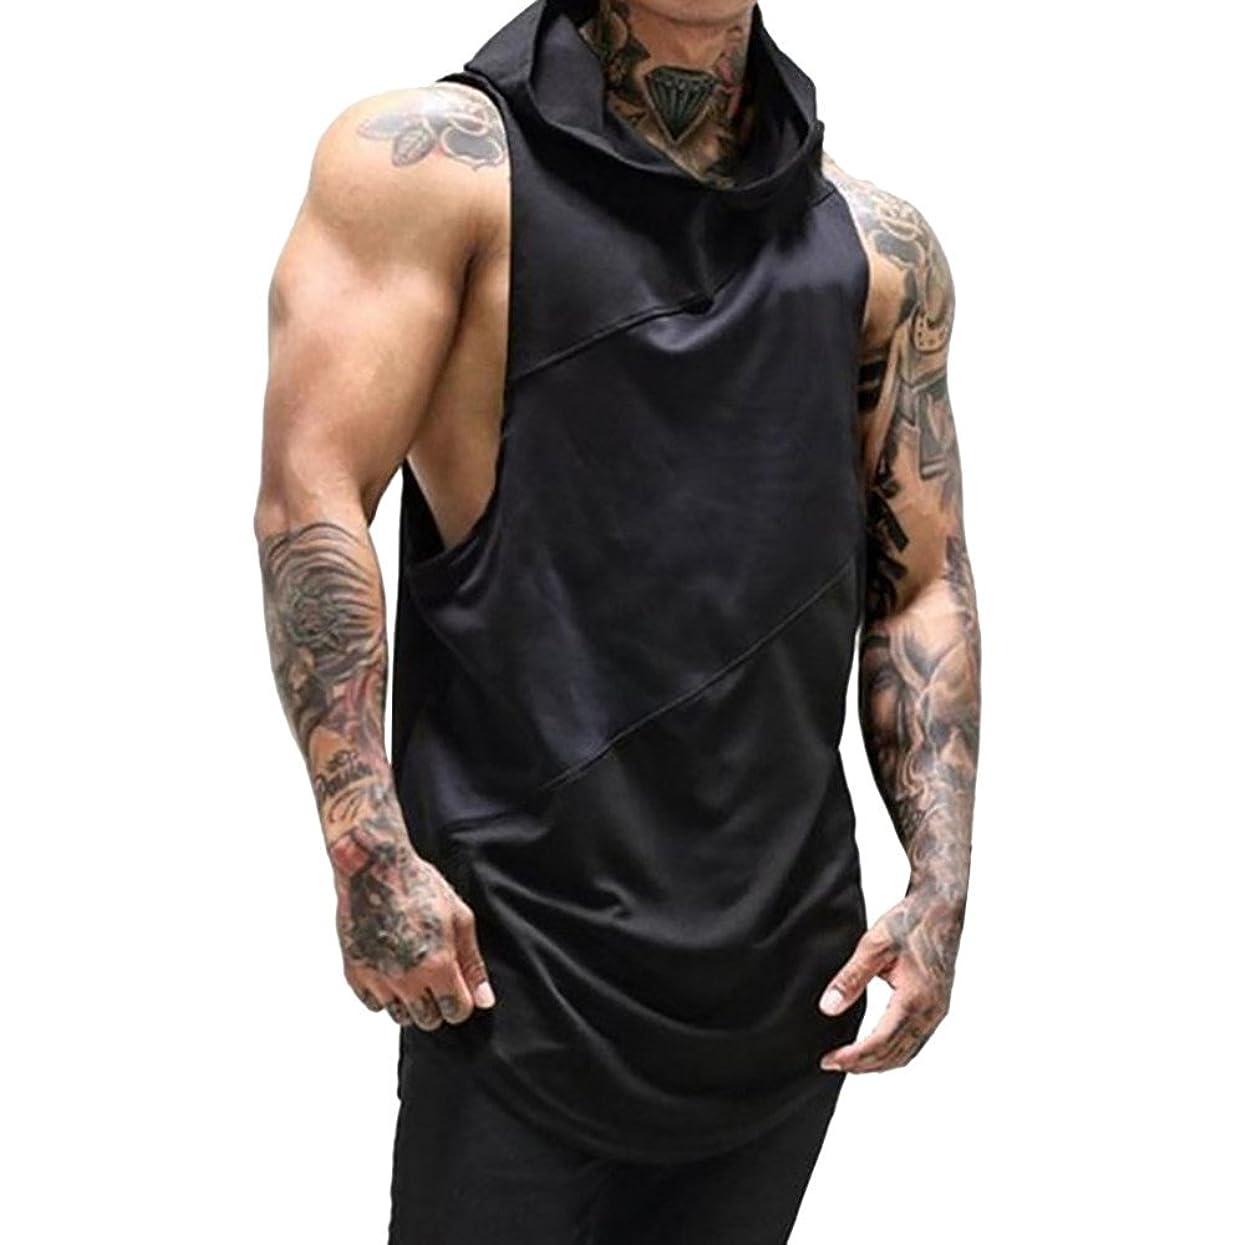 Sunyastor Men Sleeveless Hoodie Men's Workout Hooded Tank Tops Bodybuilding Muscle Cut Off T Shirt Sleeveless Gym Hoodies